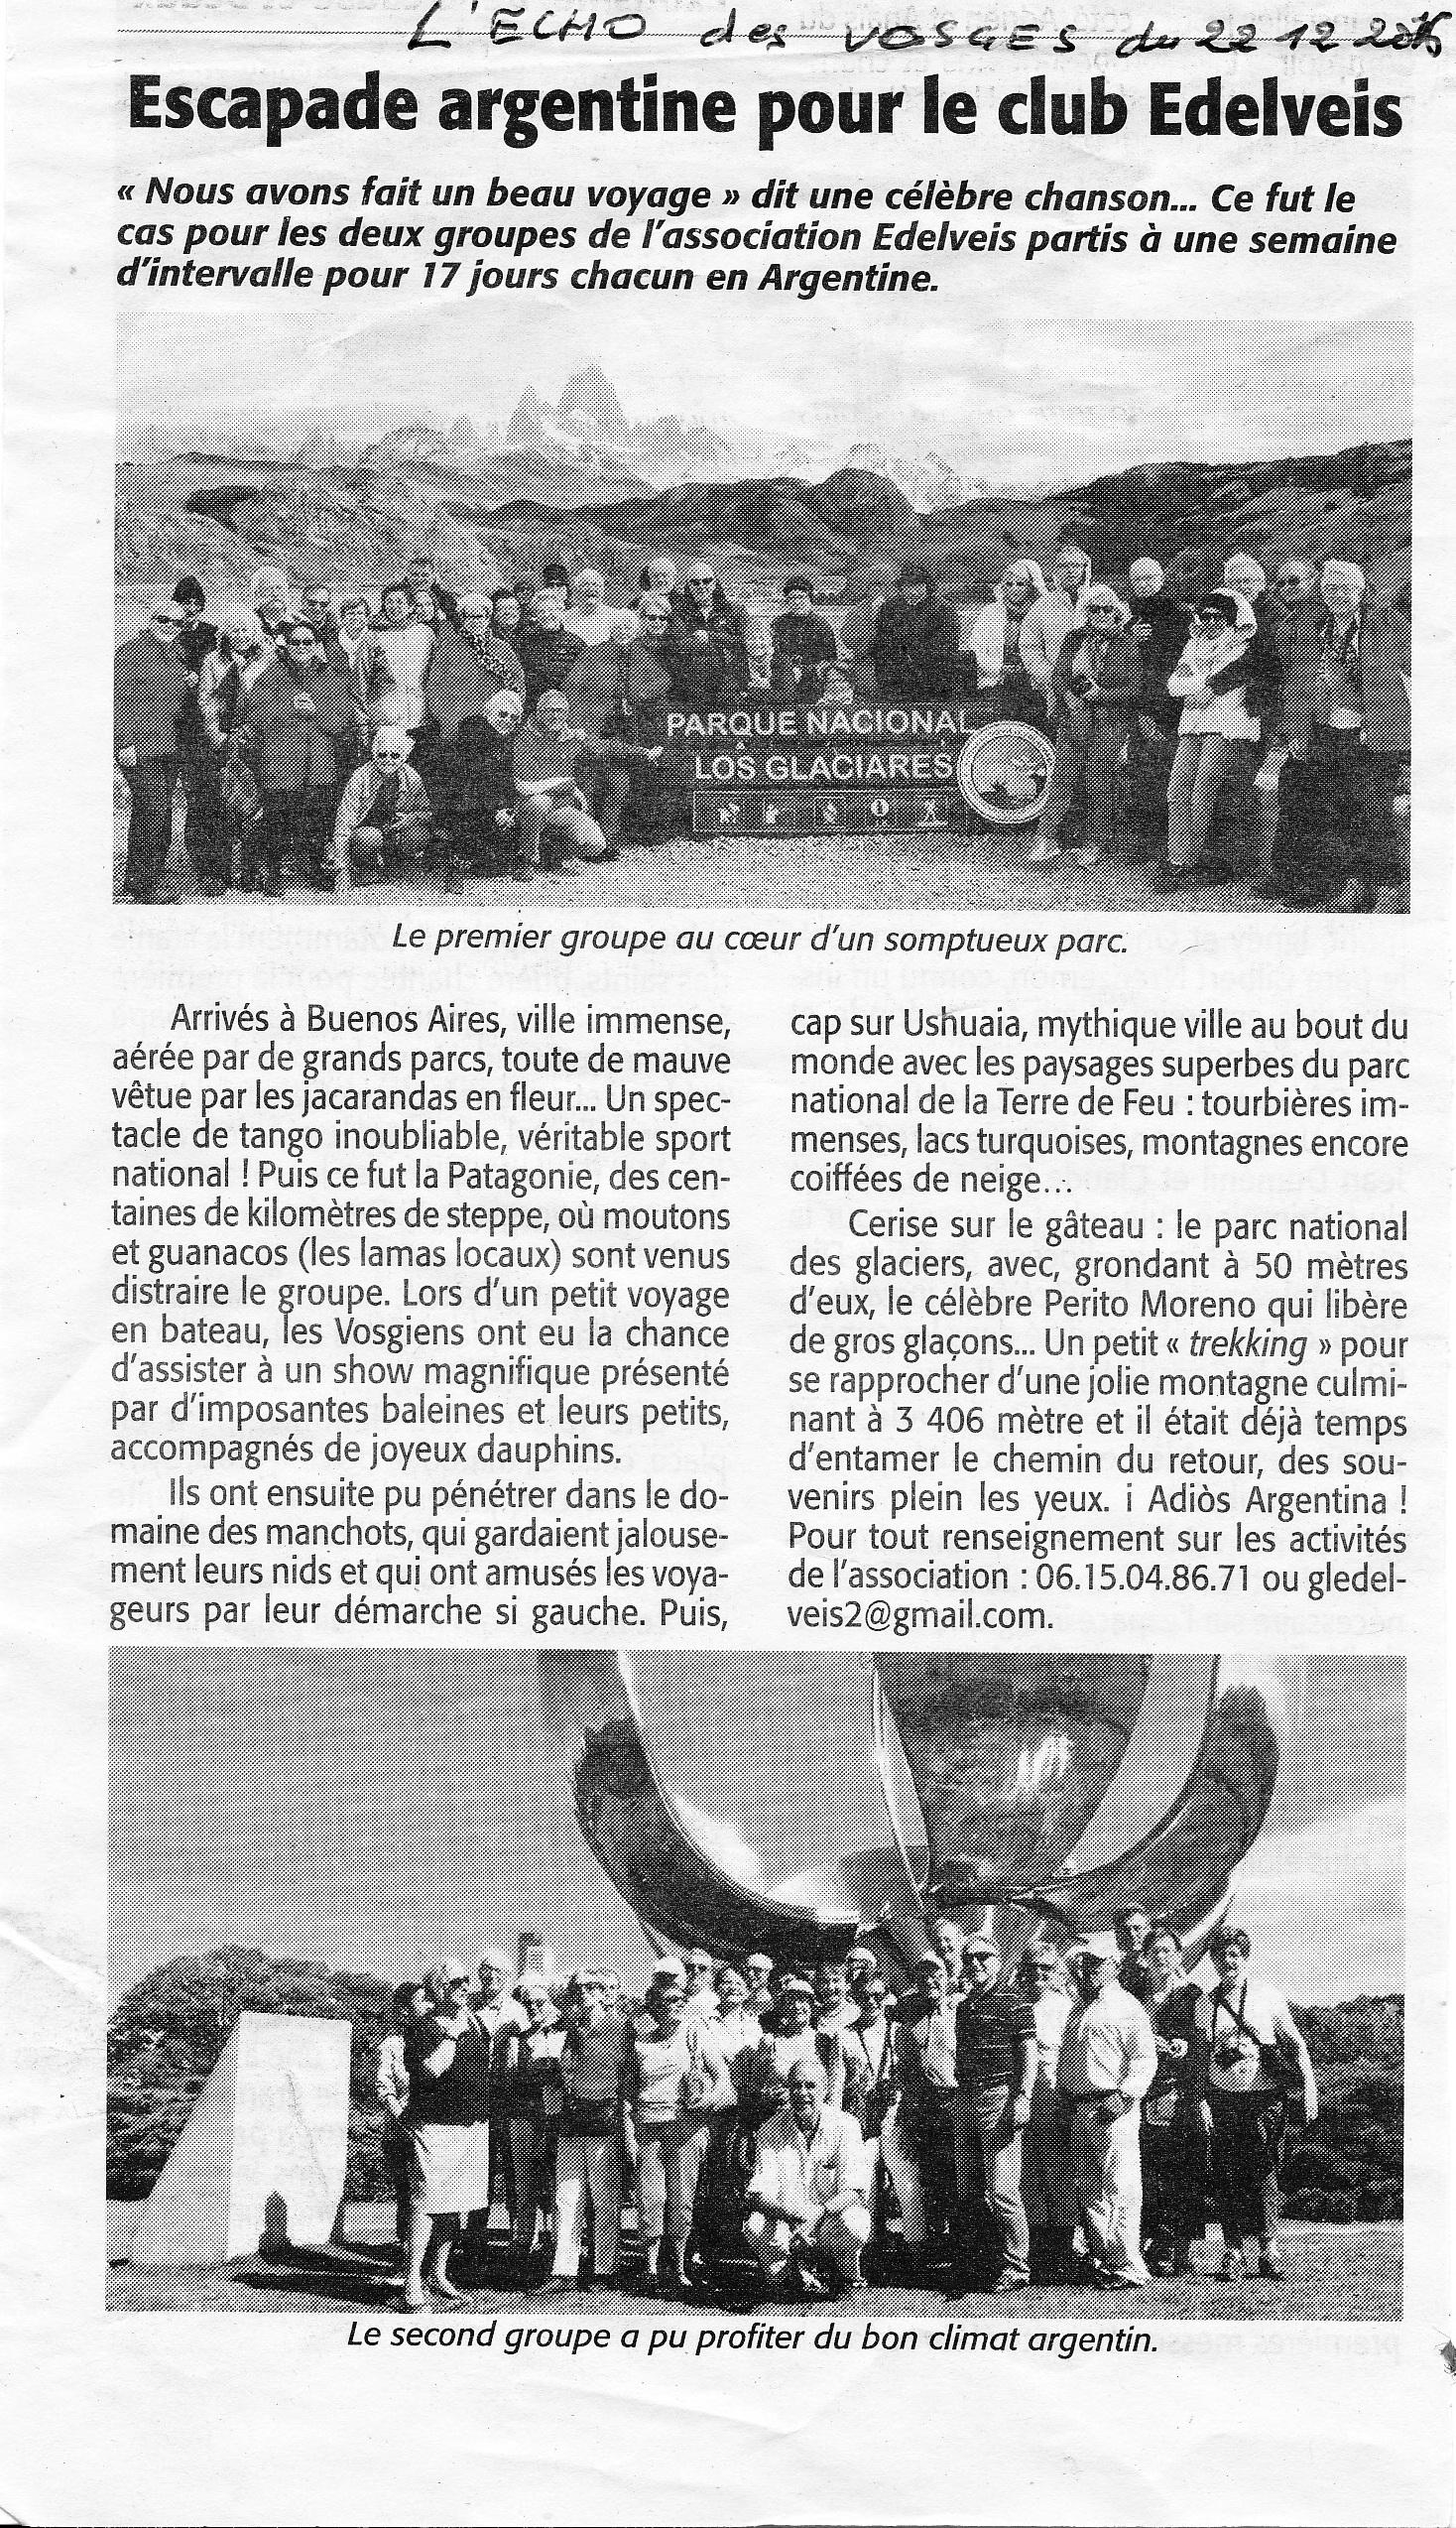 Article de presse Echo des Vosges